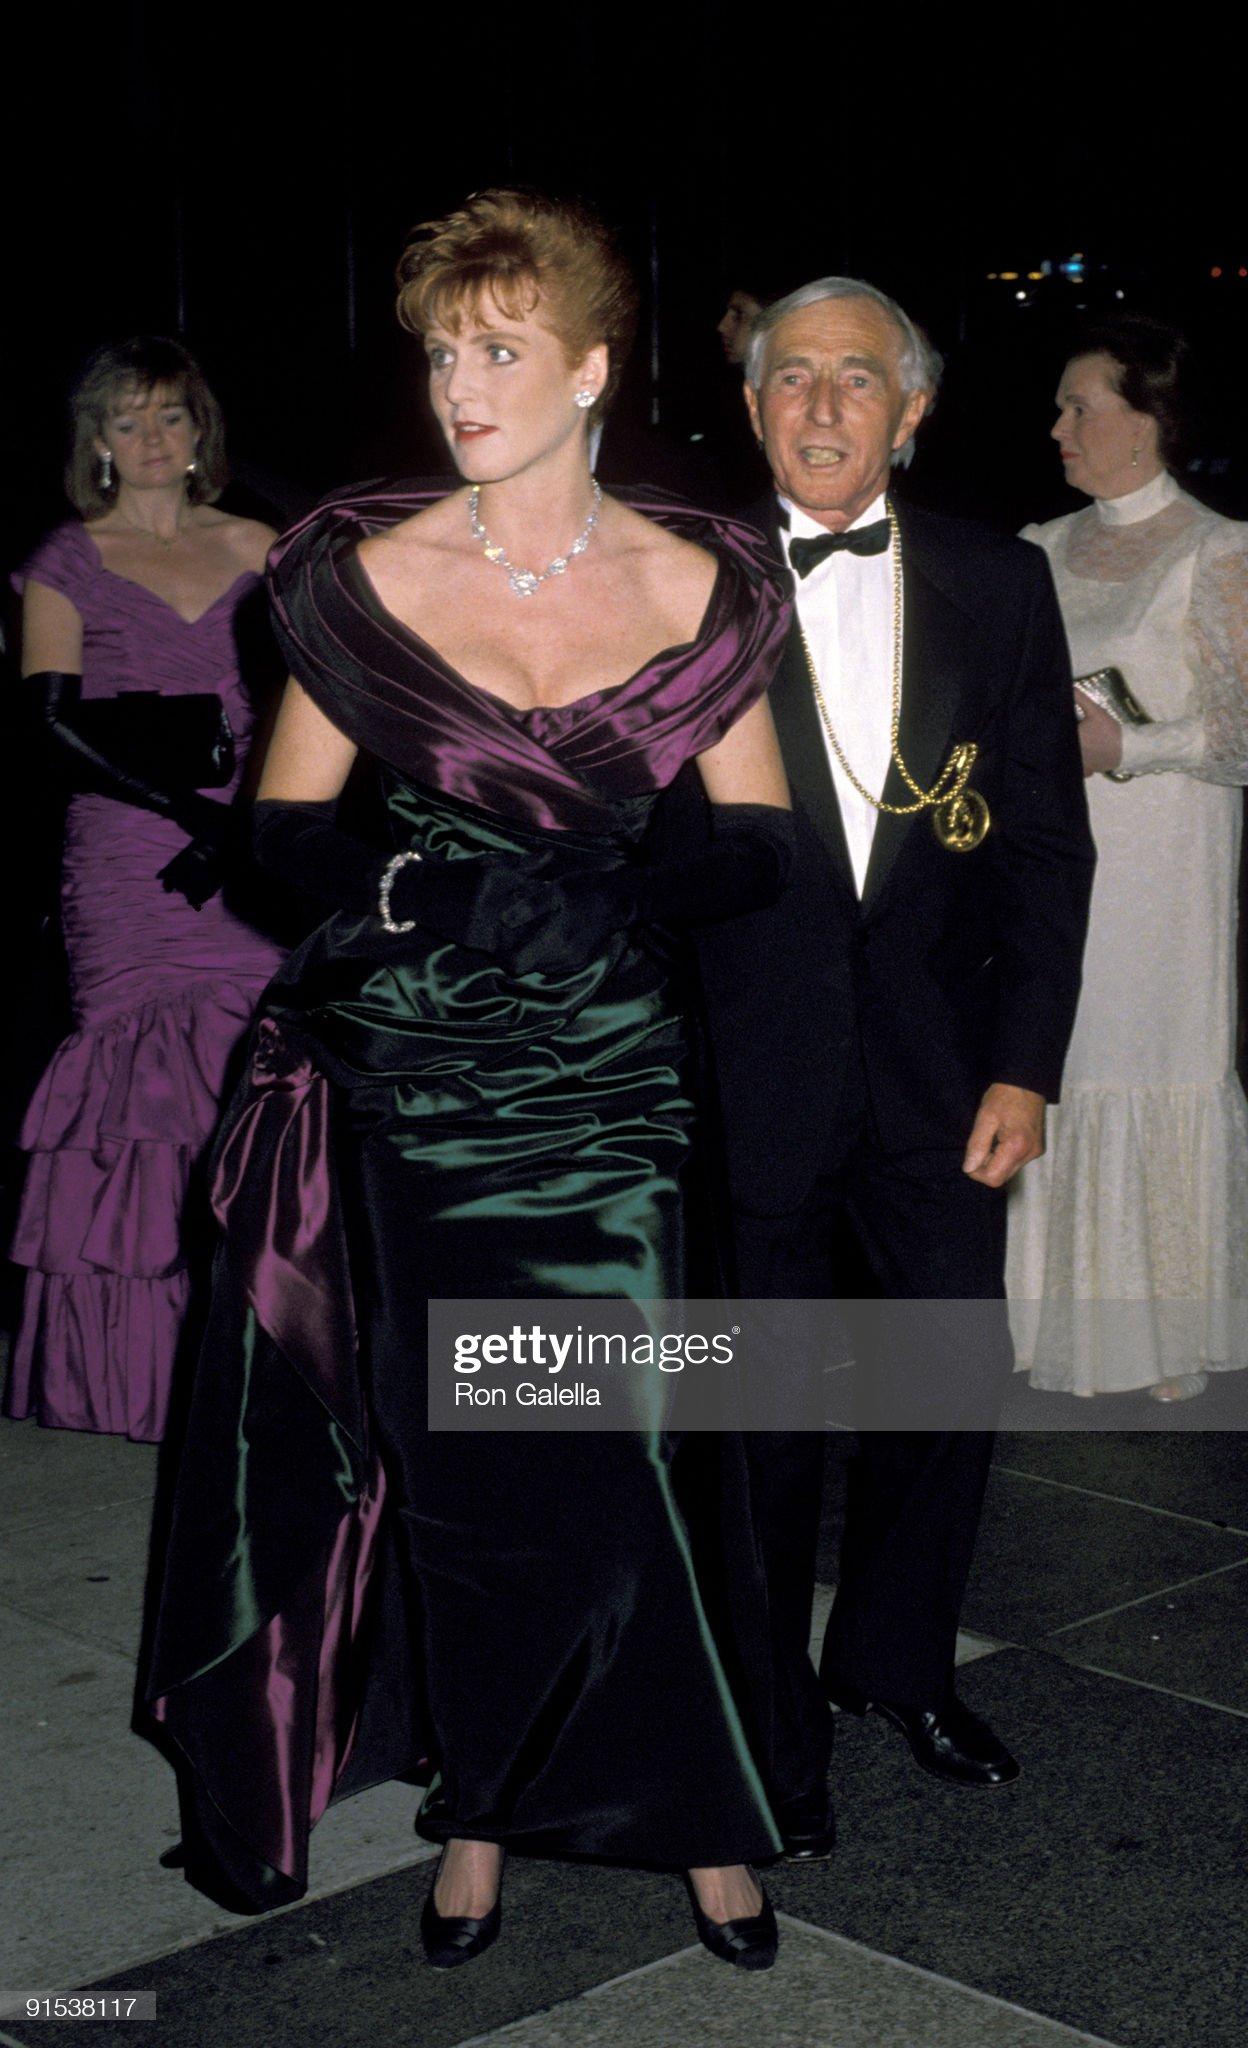 Вечерние наряды Отем пока еще Филлипс и Сары Йоркской American Association of Royal Family Trust Dinner Dance : News Photo